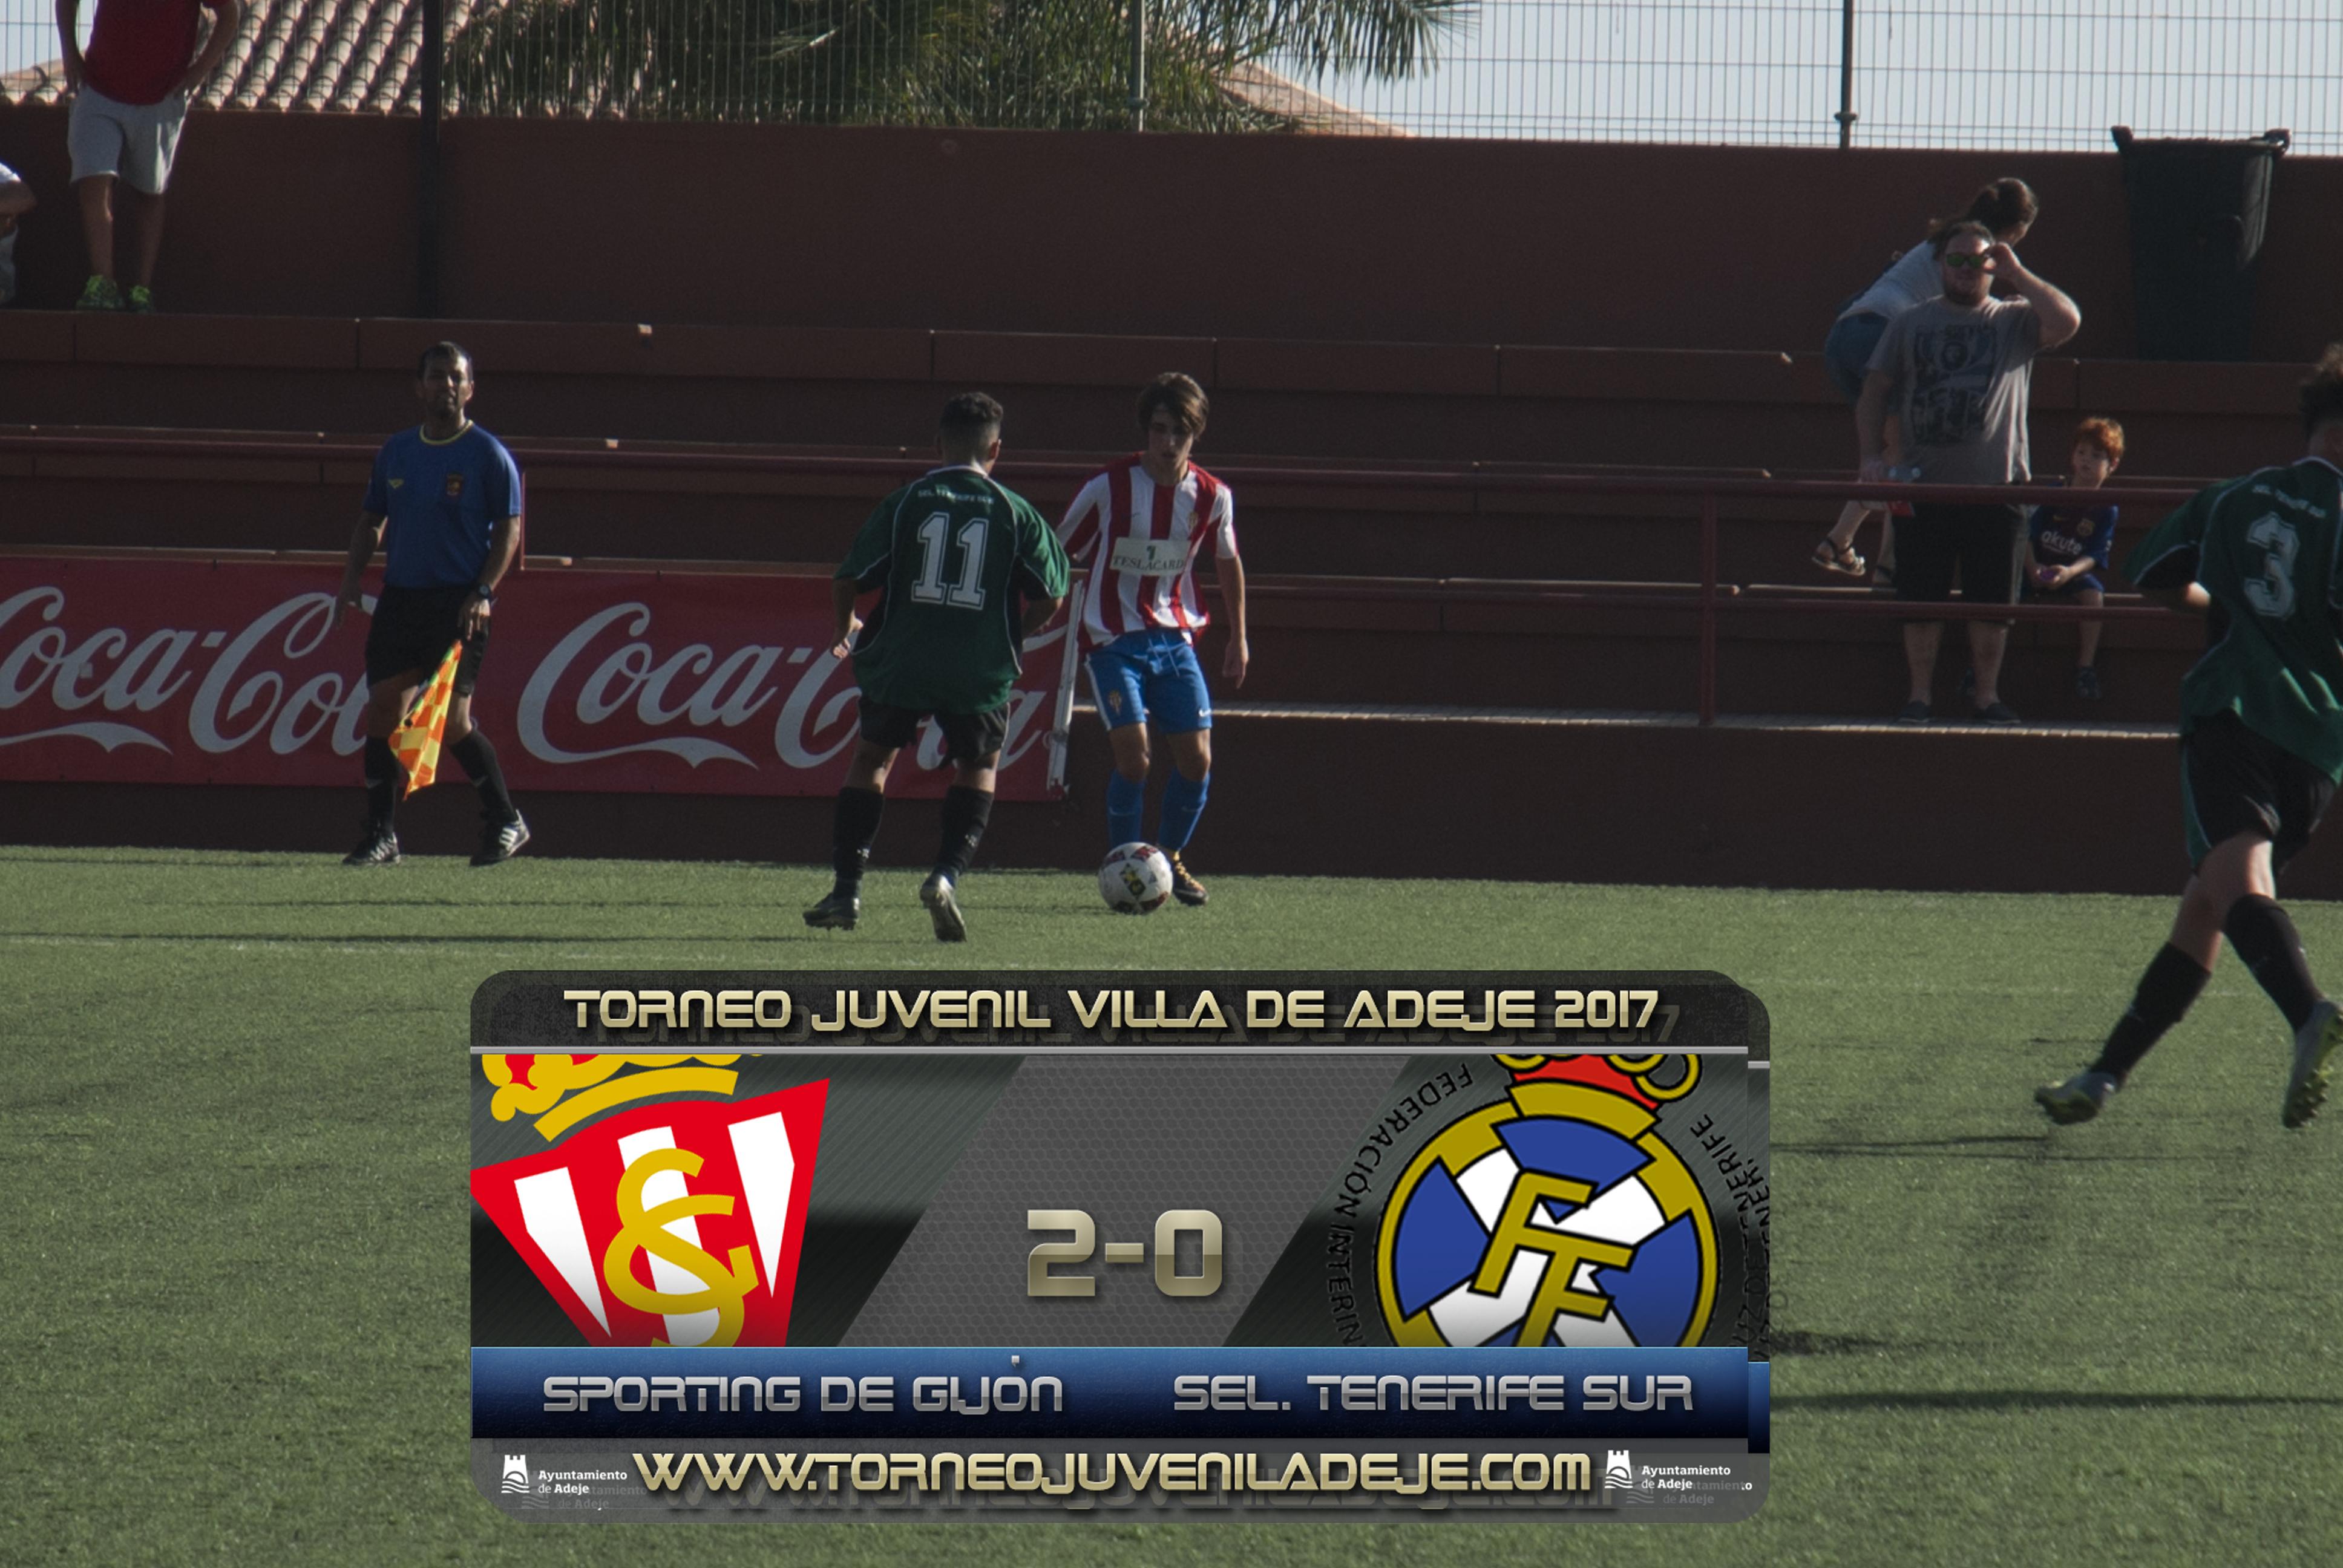 El Sporting de Gijón cumple los pronósticos ante la Selección Tenerife Sur